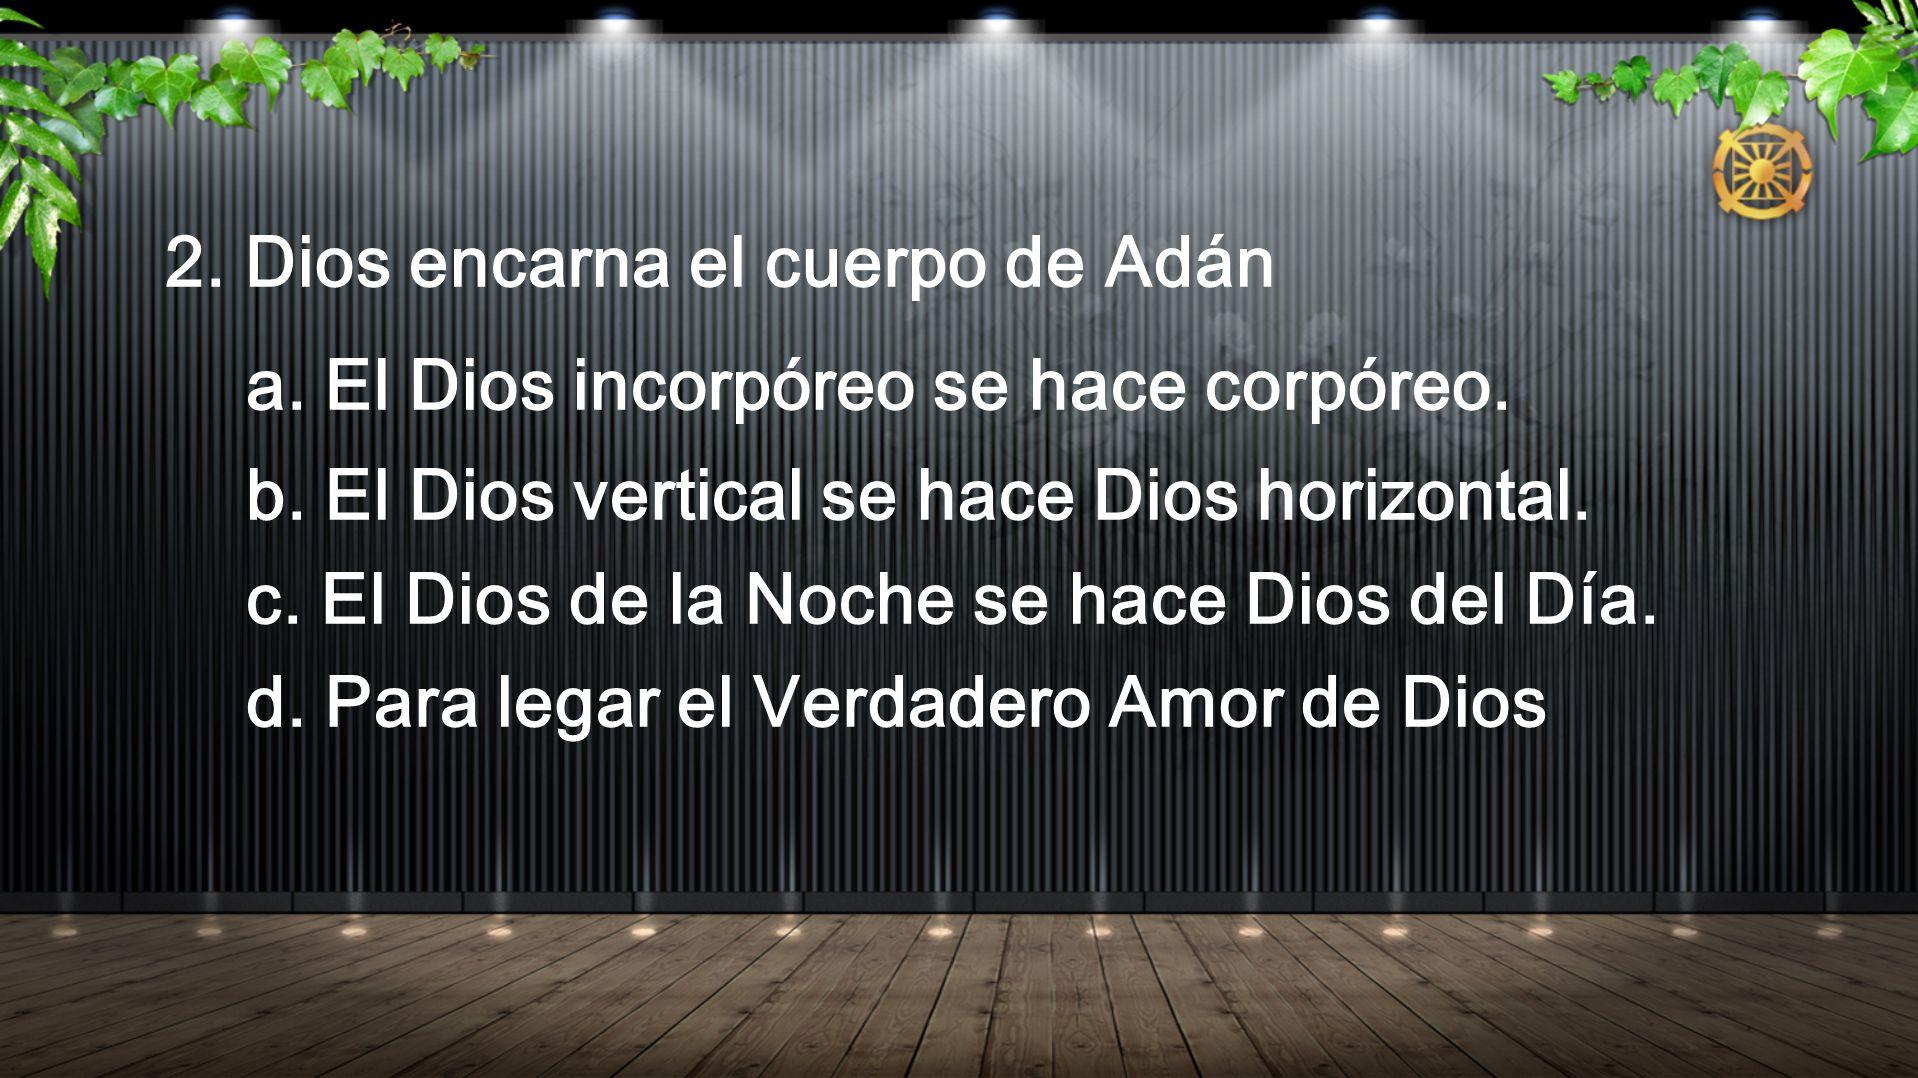 2. Dios encarna el cuerpo de Adán a. El Dios incorpóreo se hace corpóreo. b. El Dios vertical se hace Dios horizontal. c. El Dios de la Noche se hace